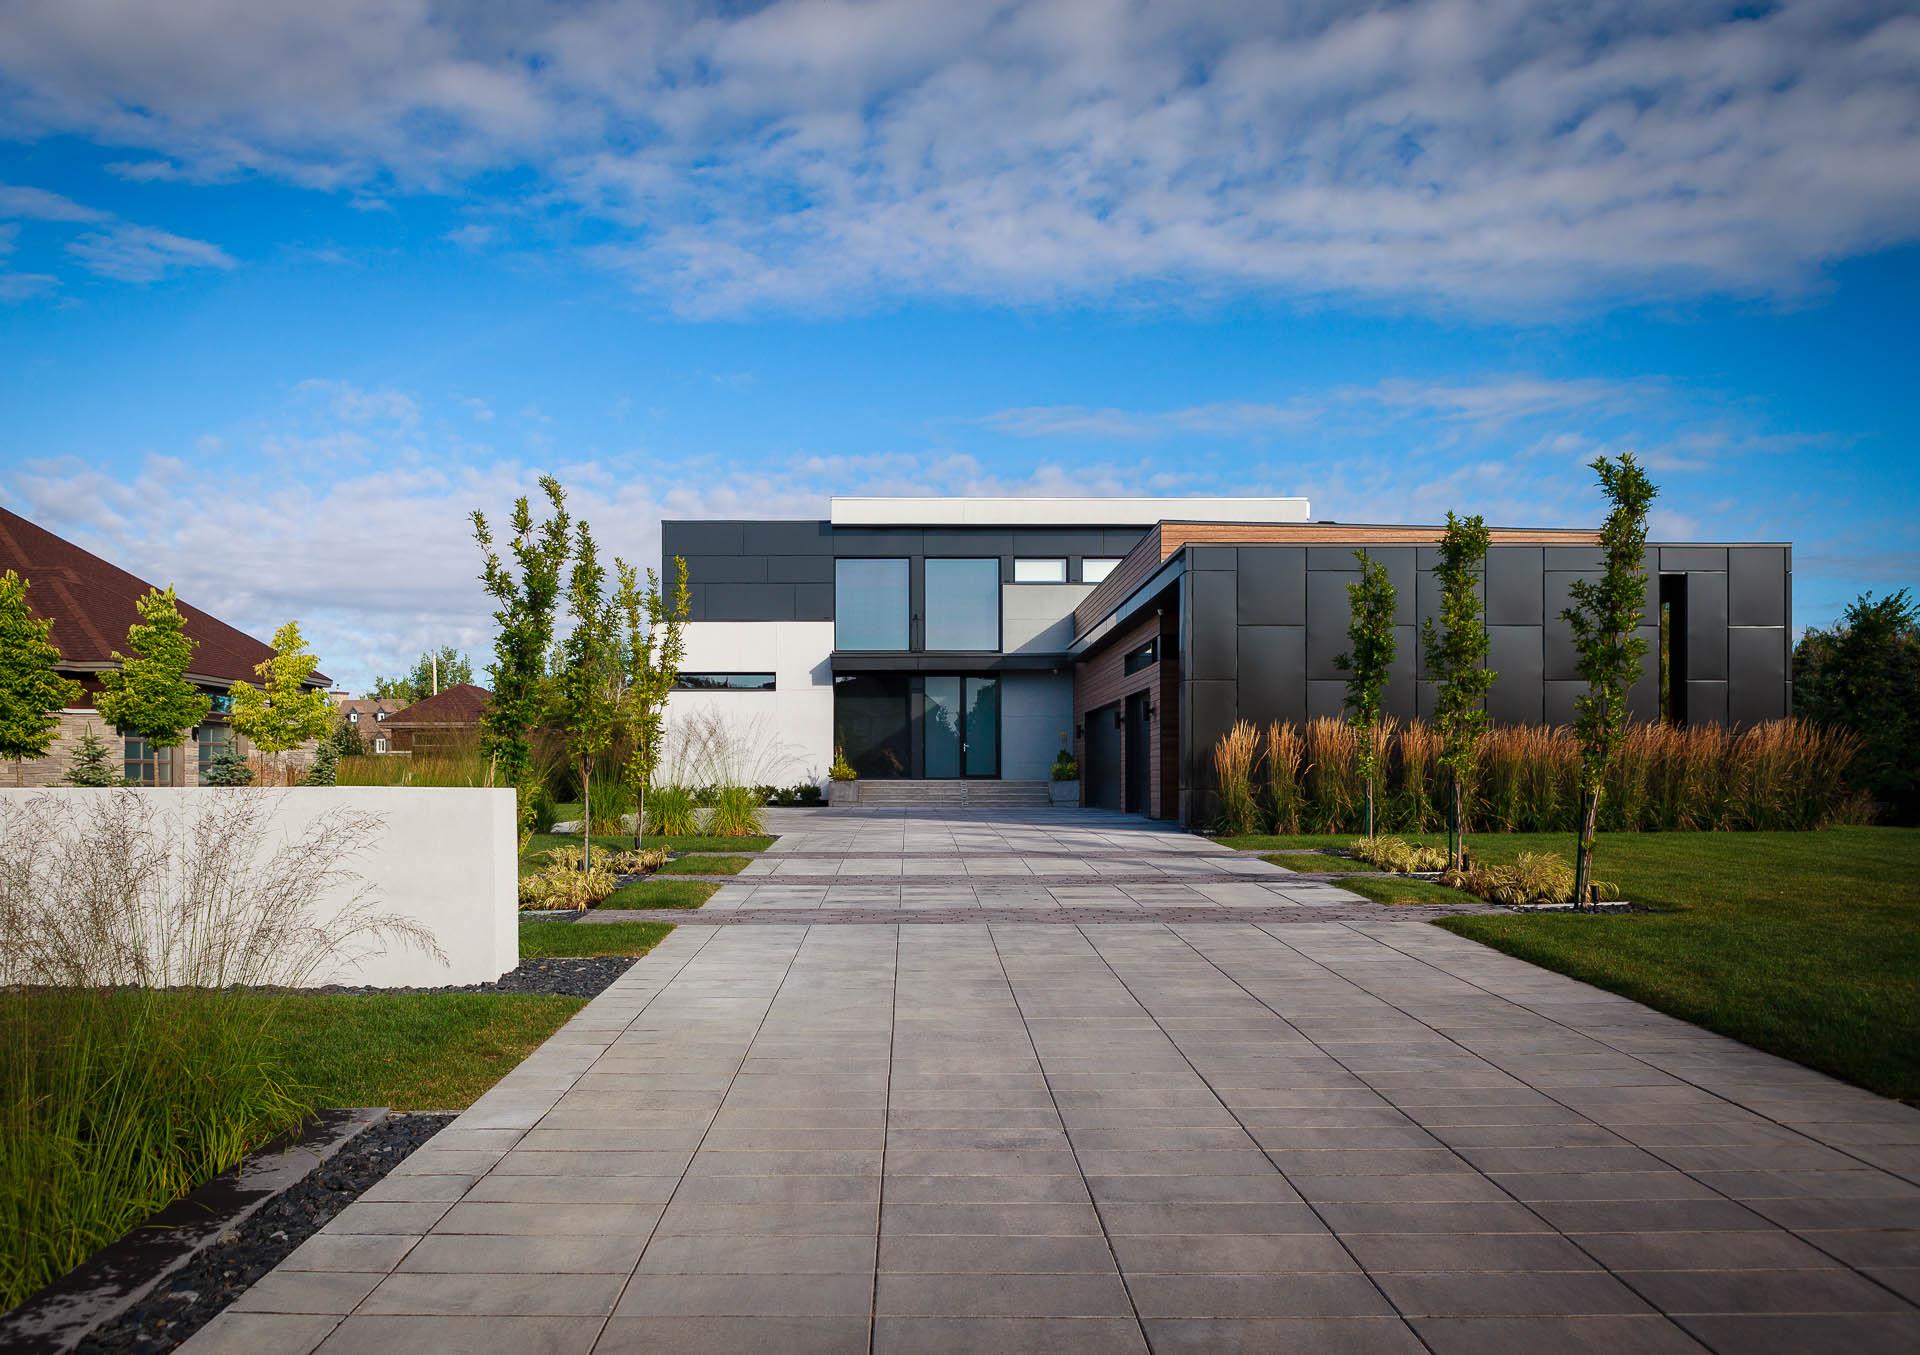 Résidence de Normandie Par Brainnüstudio Architecture + Design